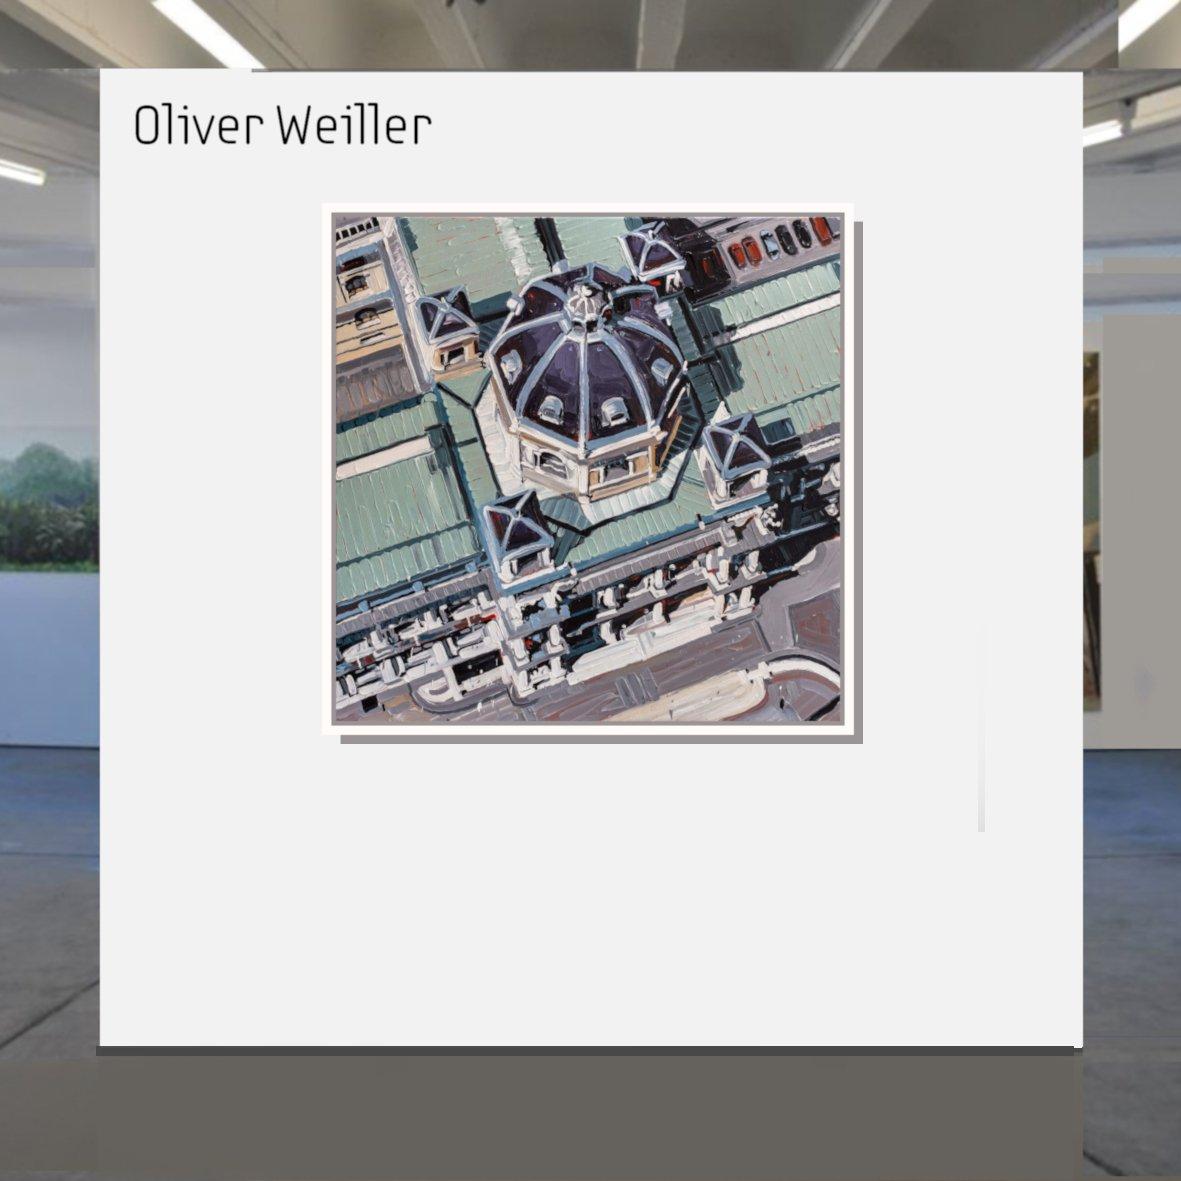 Maske_Weiller_Oliver-Naturhistorisches-Museum-Wien-01_90x90_mit_Rahmen